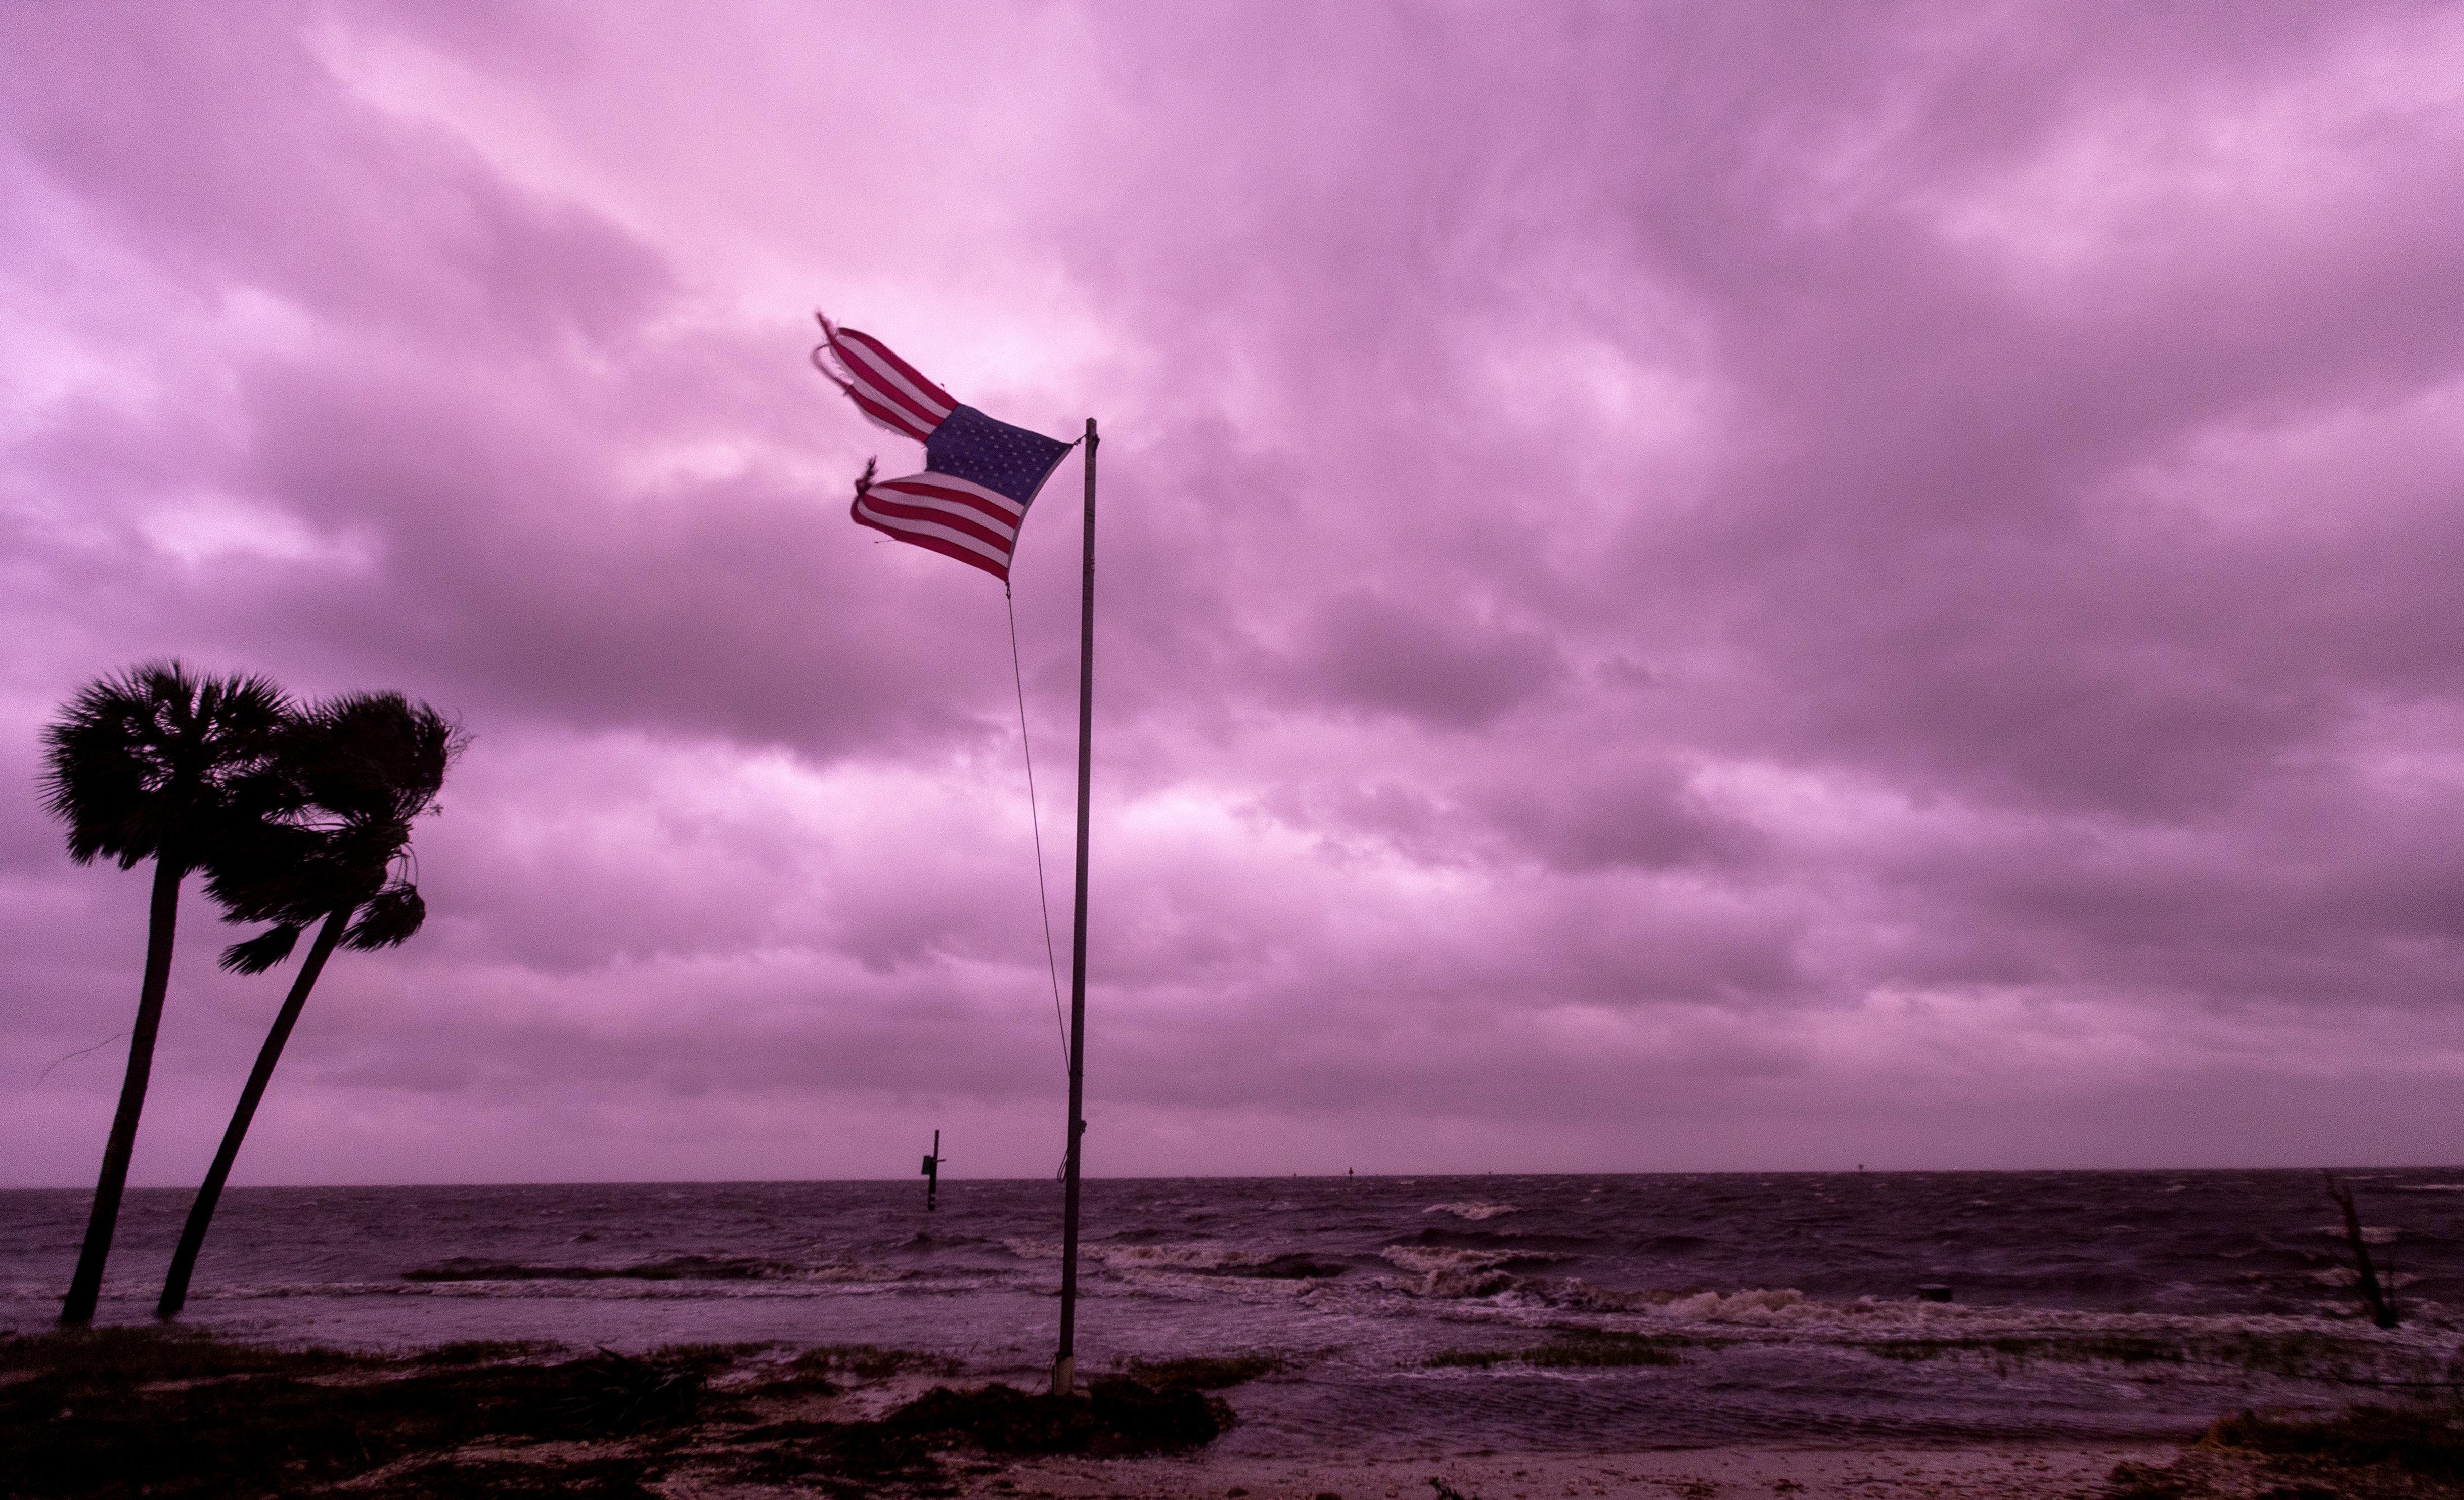 Ο τυφώνας «Μάικλ» σάρωσε τη Φλόριντα με ανέμους 249xιλ/ώρα αφήνοντας πίσω μια διαλυμένη πολιτεία (vid-pics)